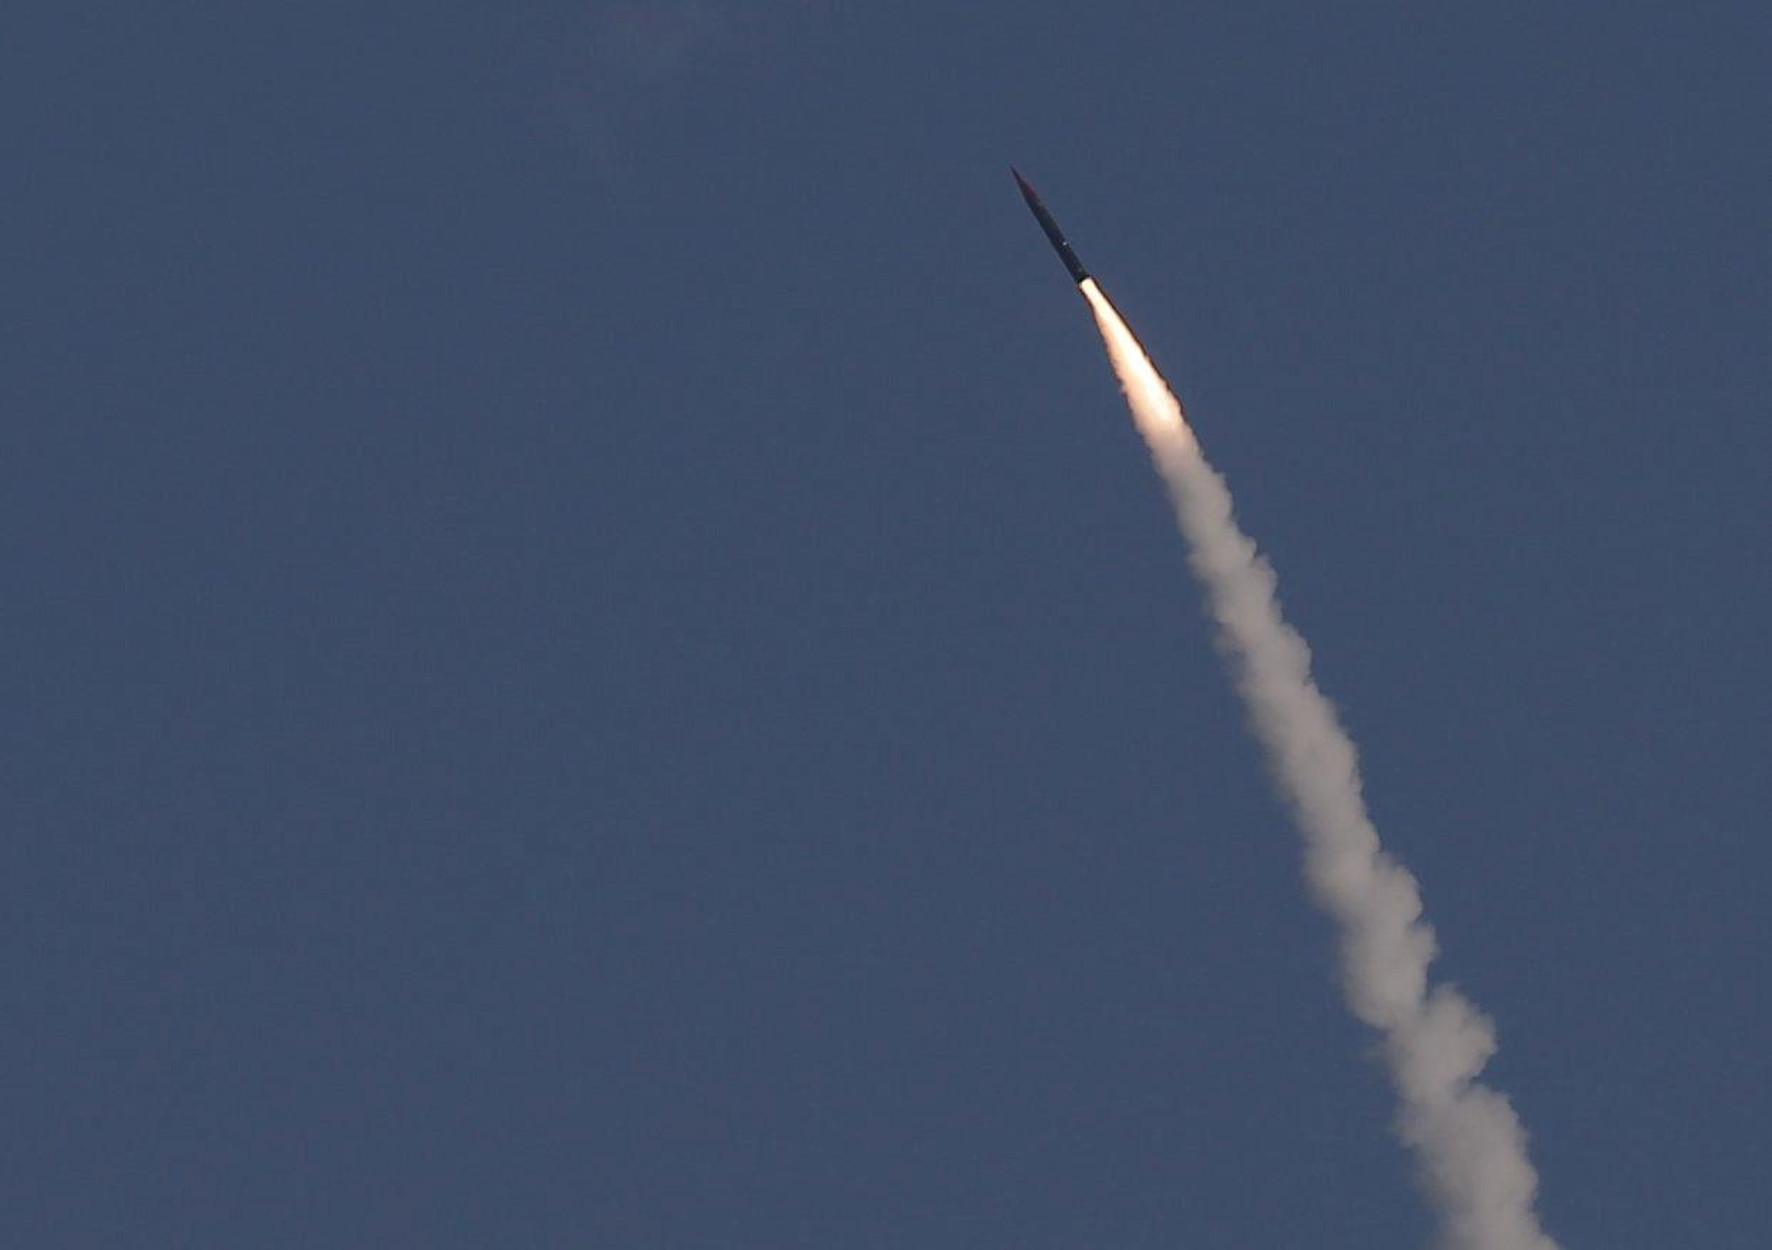 Βόρεια Κορέα: Για νέα εκτόξευση πυραύλου κάνει λόγο η Σεούλ – ΗΠΑ: Απειλεί τους γείτονές της